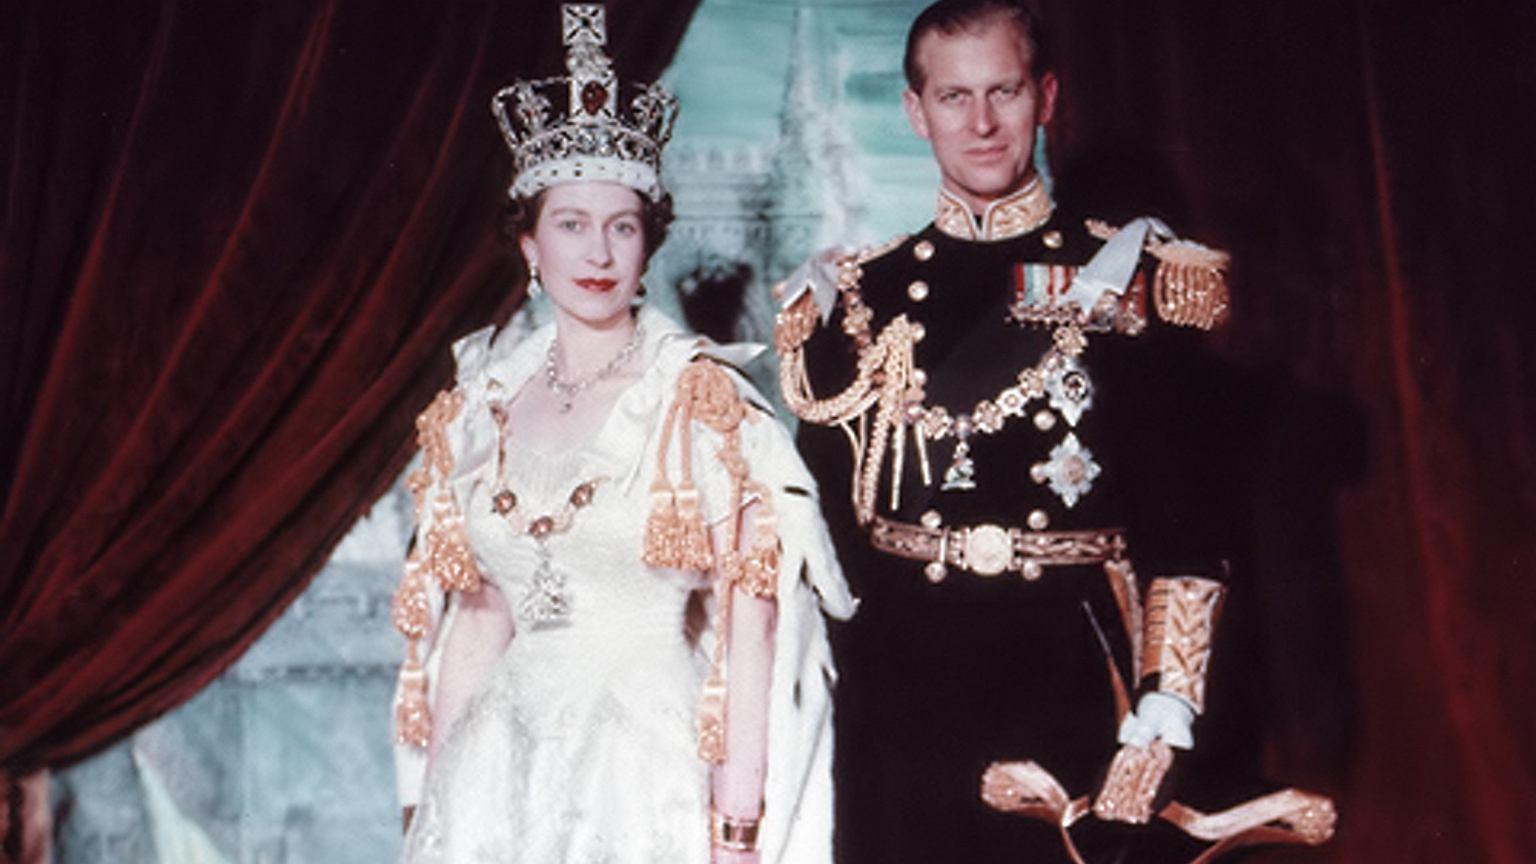 Elżbieta II i książę Filip tuż po koronacji, lipiec 1953 r.